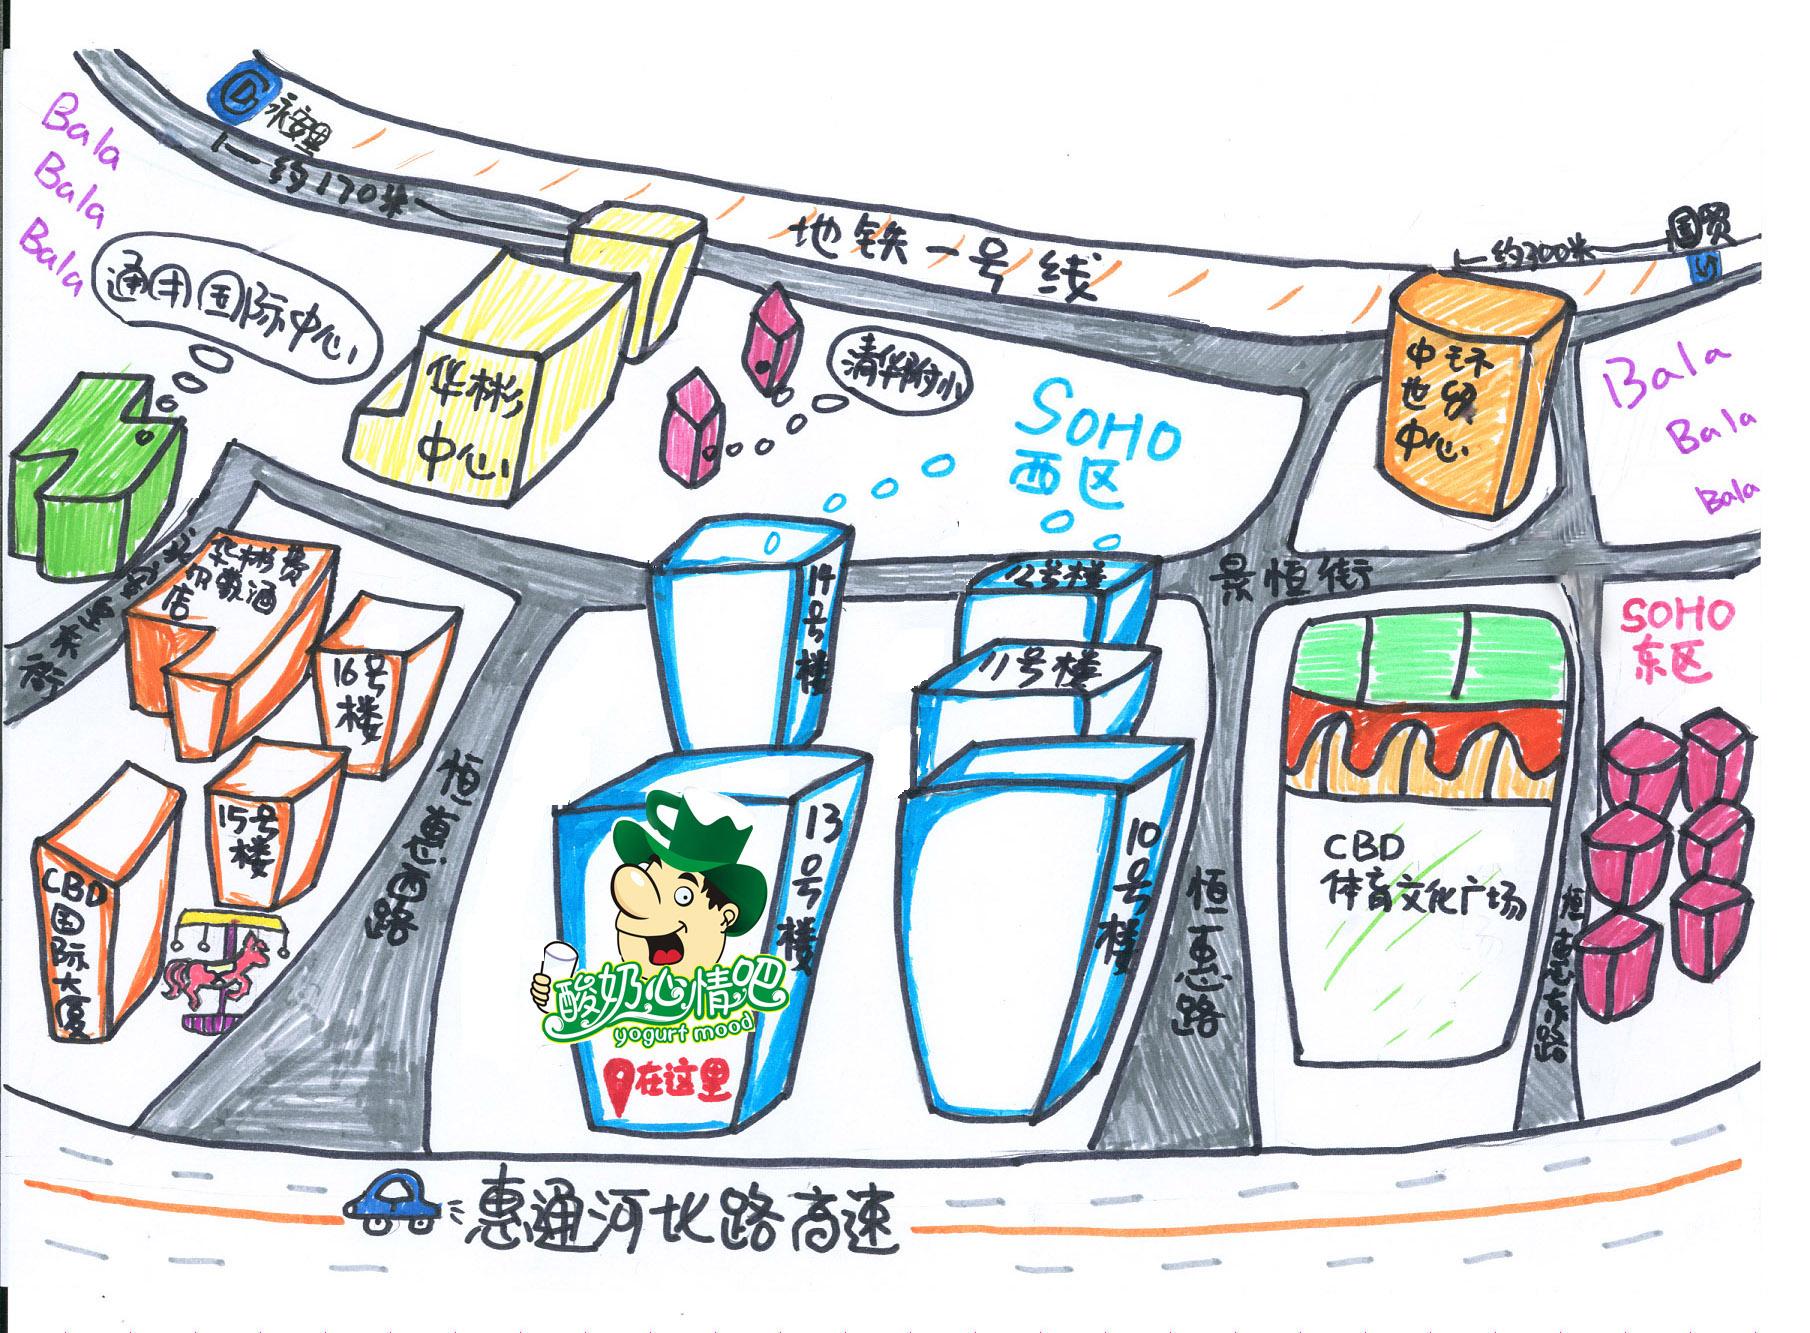 绘制商业街小铺的地图